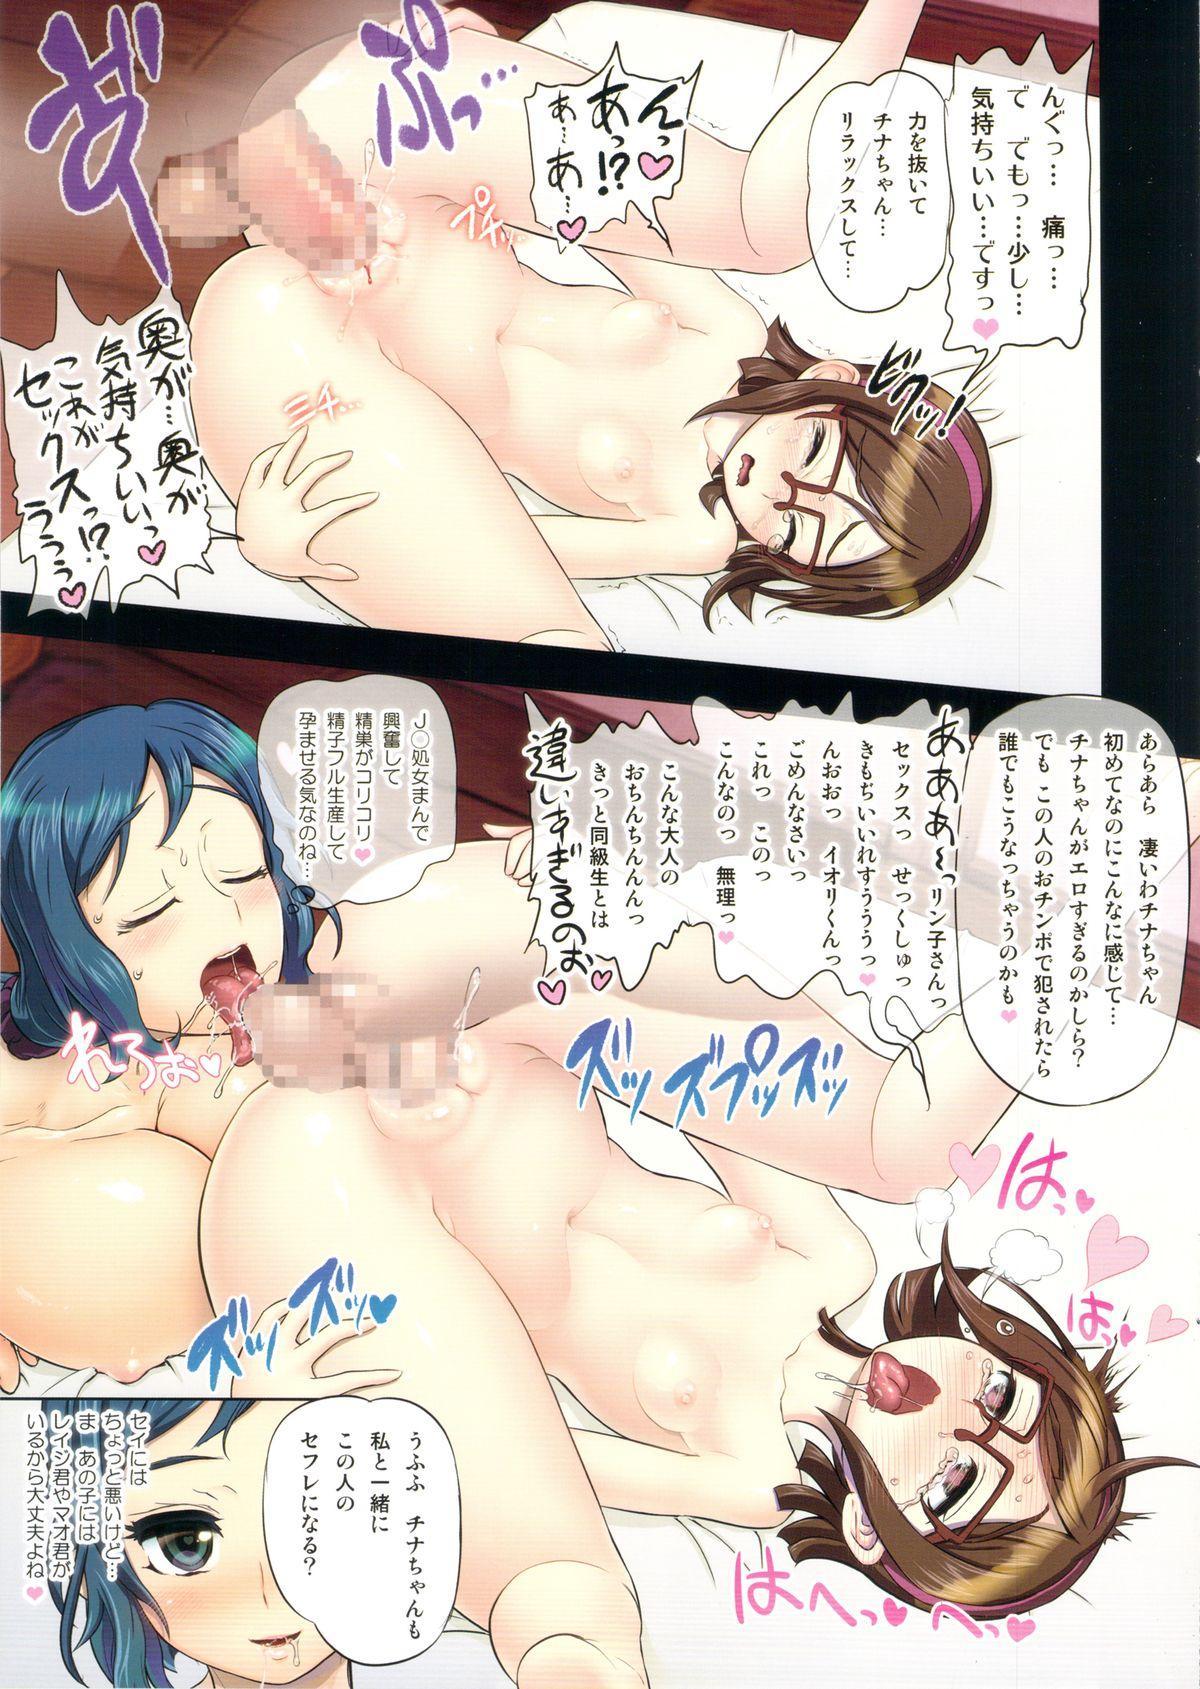 RinChina Icha Love Netori ♂×♀Hen 9